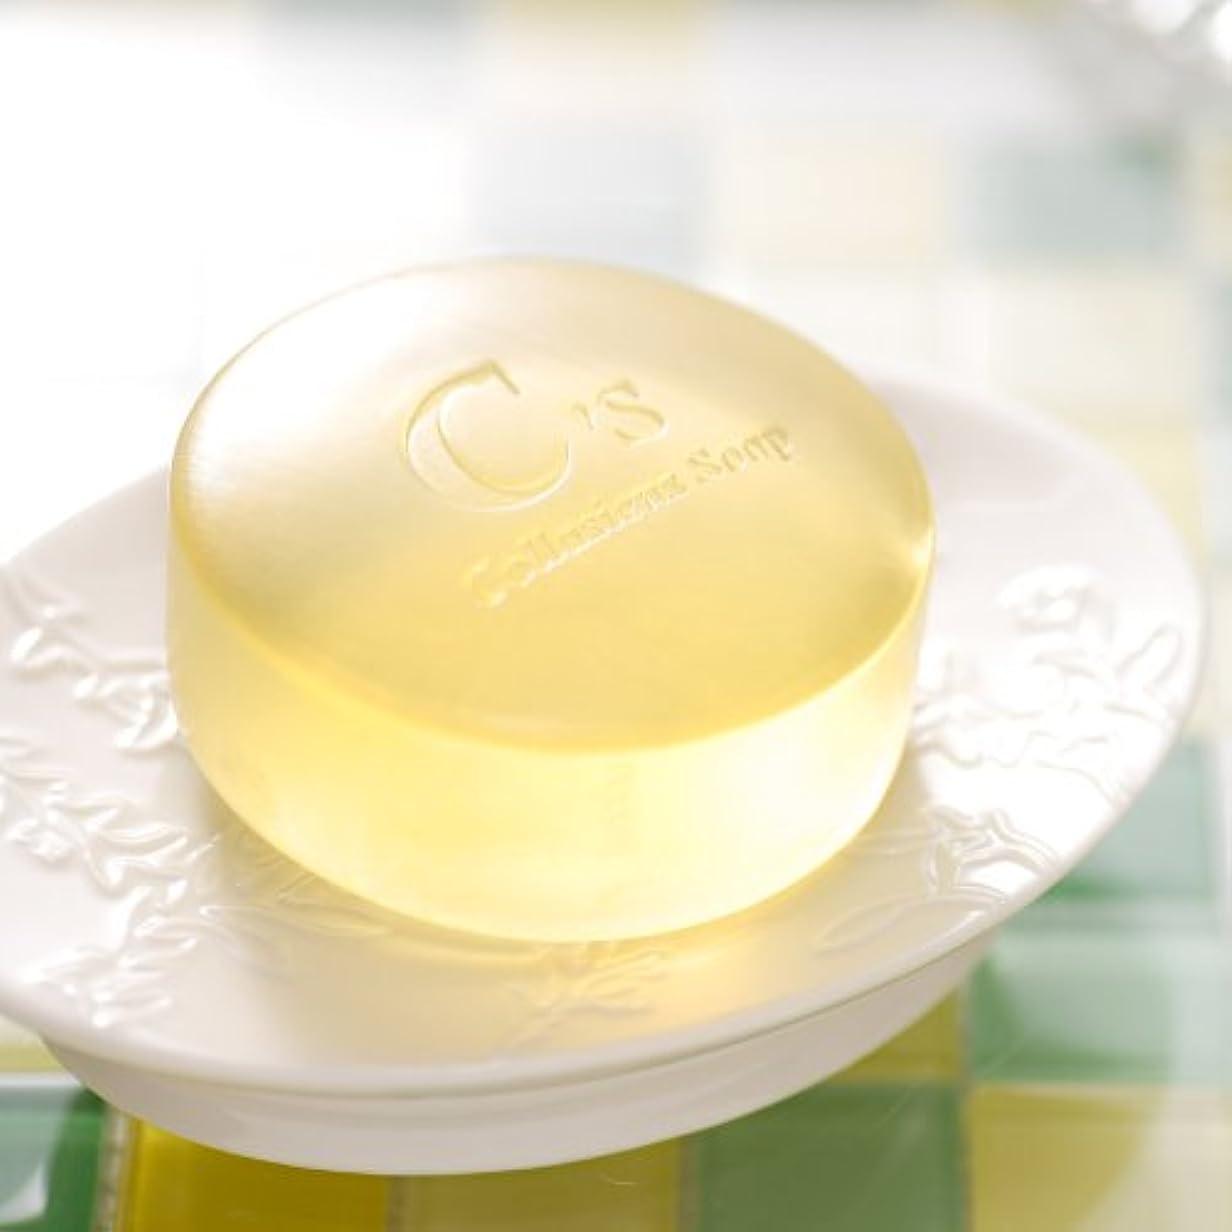 バーゲン量刈る肌理石鹸(きめせっけん)☆90日間熟成させた手作りソープ